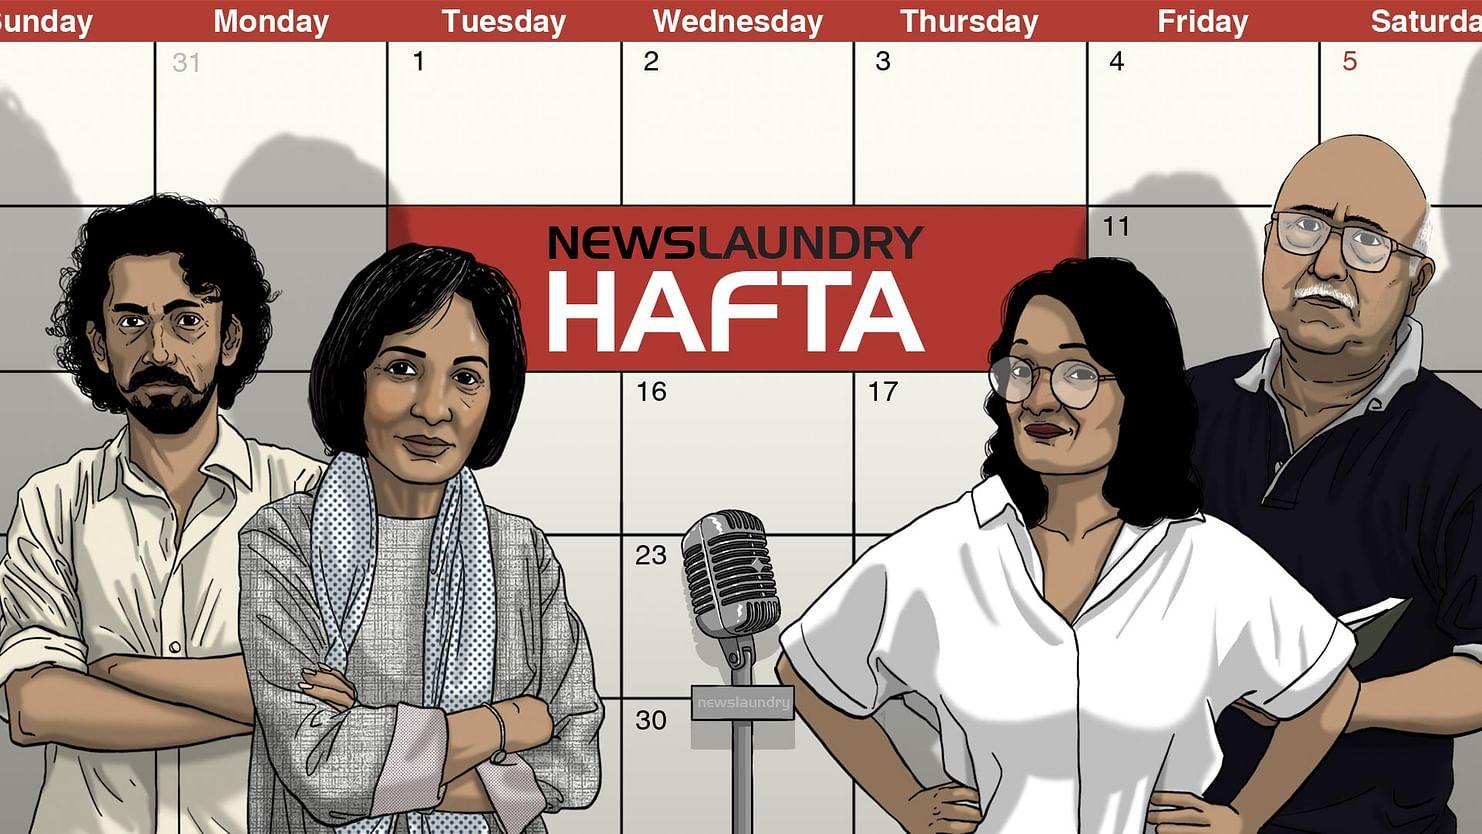 NL Hafta Show Artwork